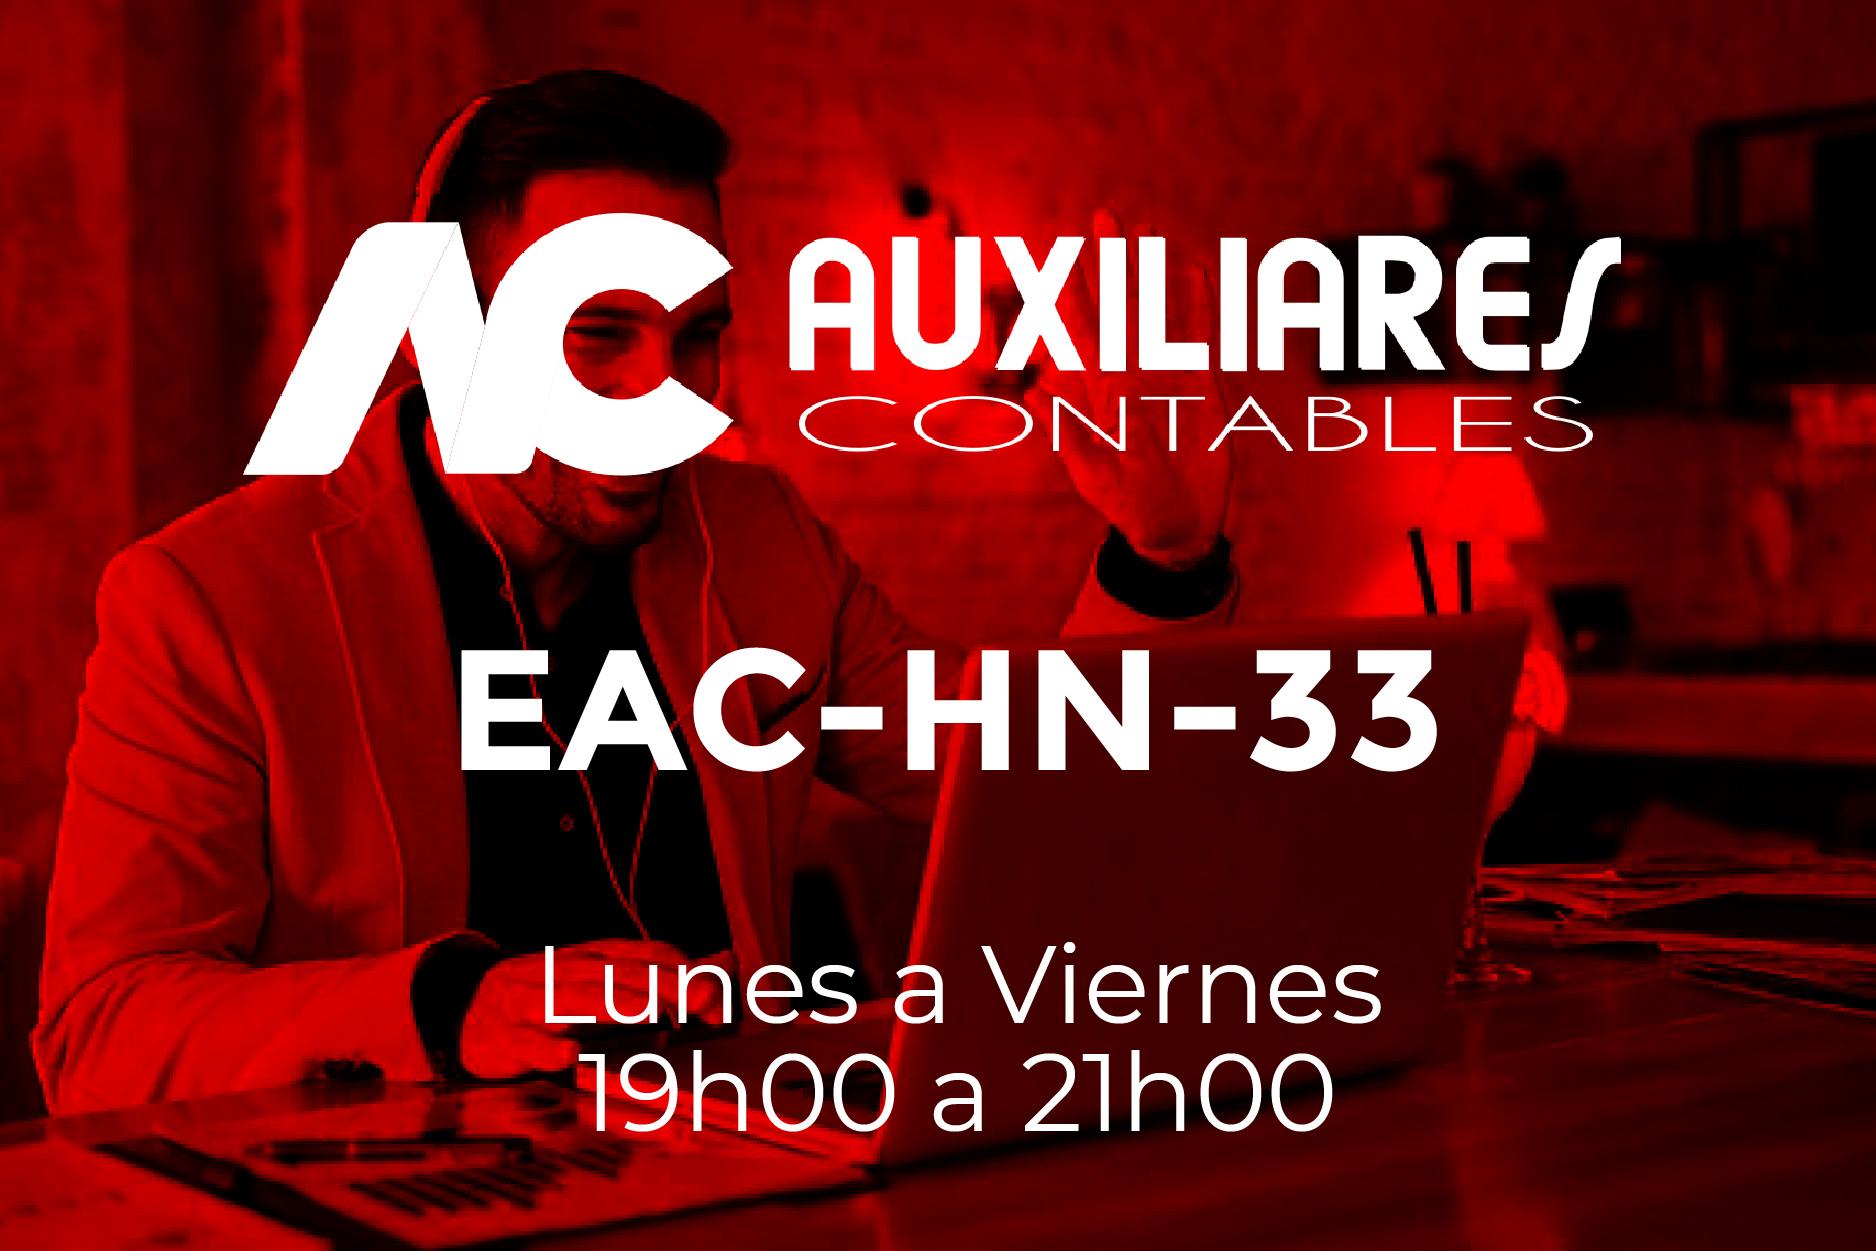 33 - AUXILIARES CONTABLES - LUNES A VIERNES - 19:00 A 21:00